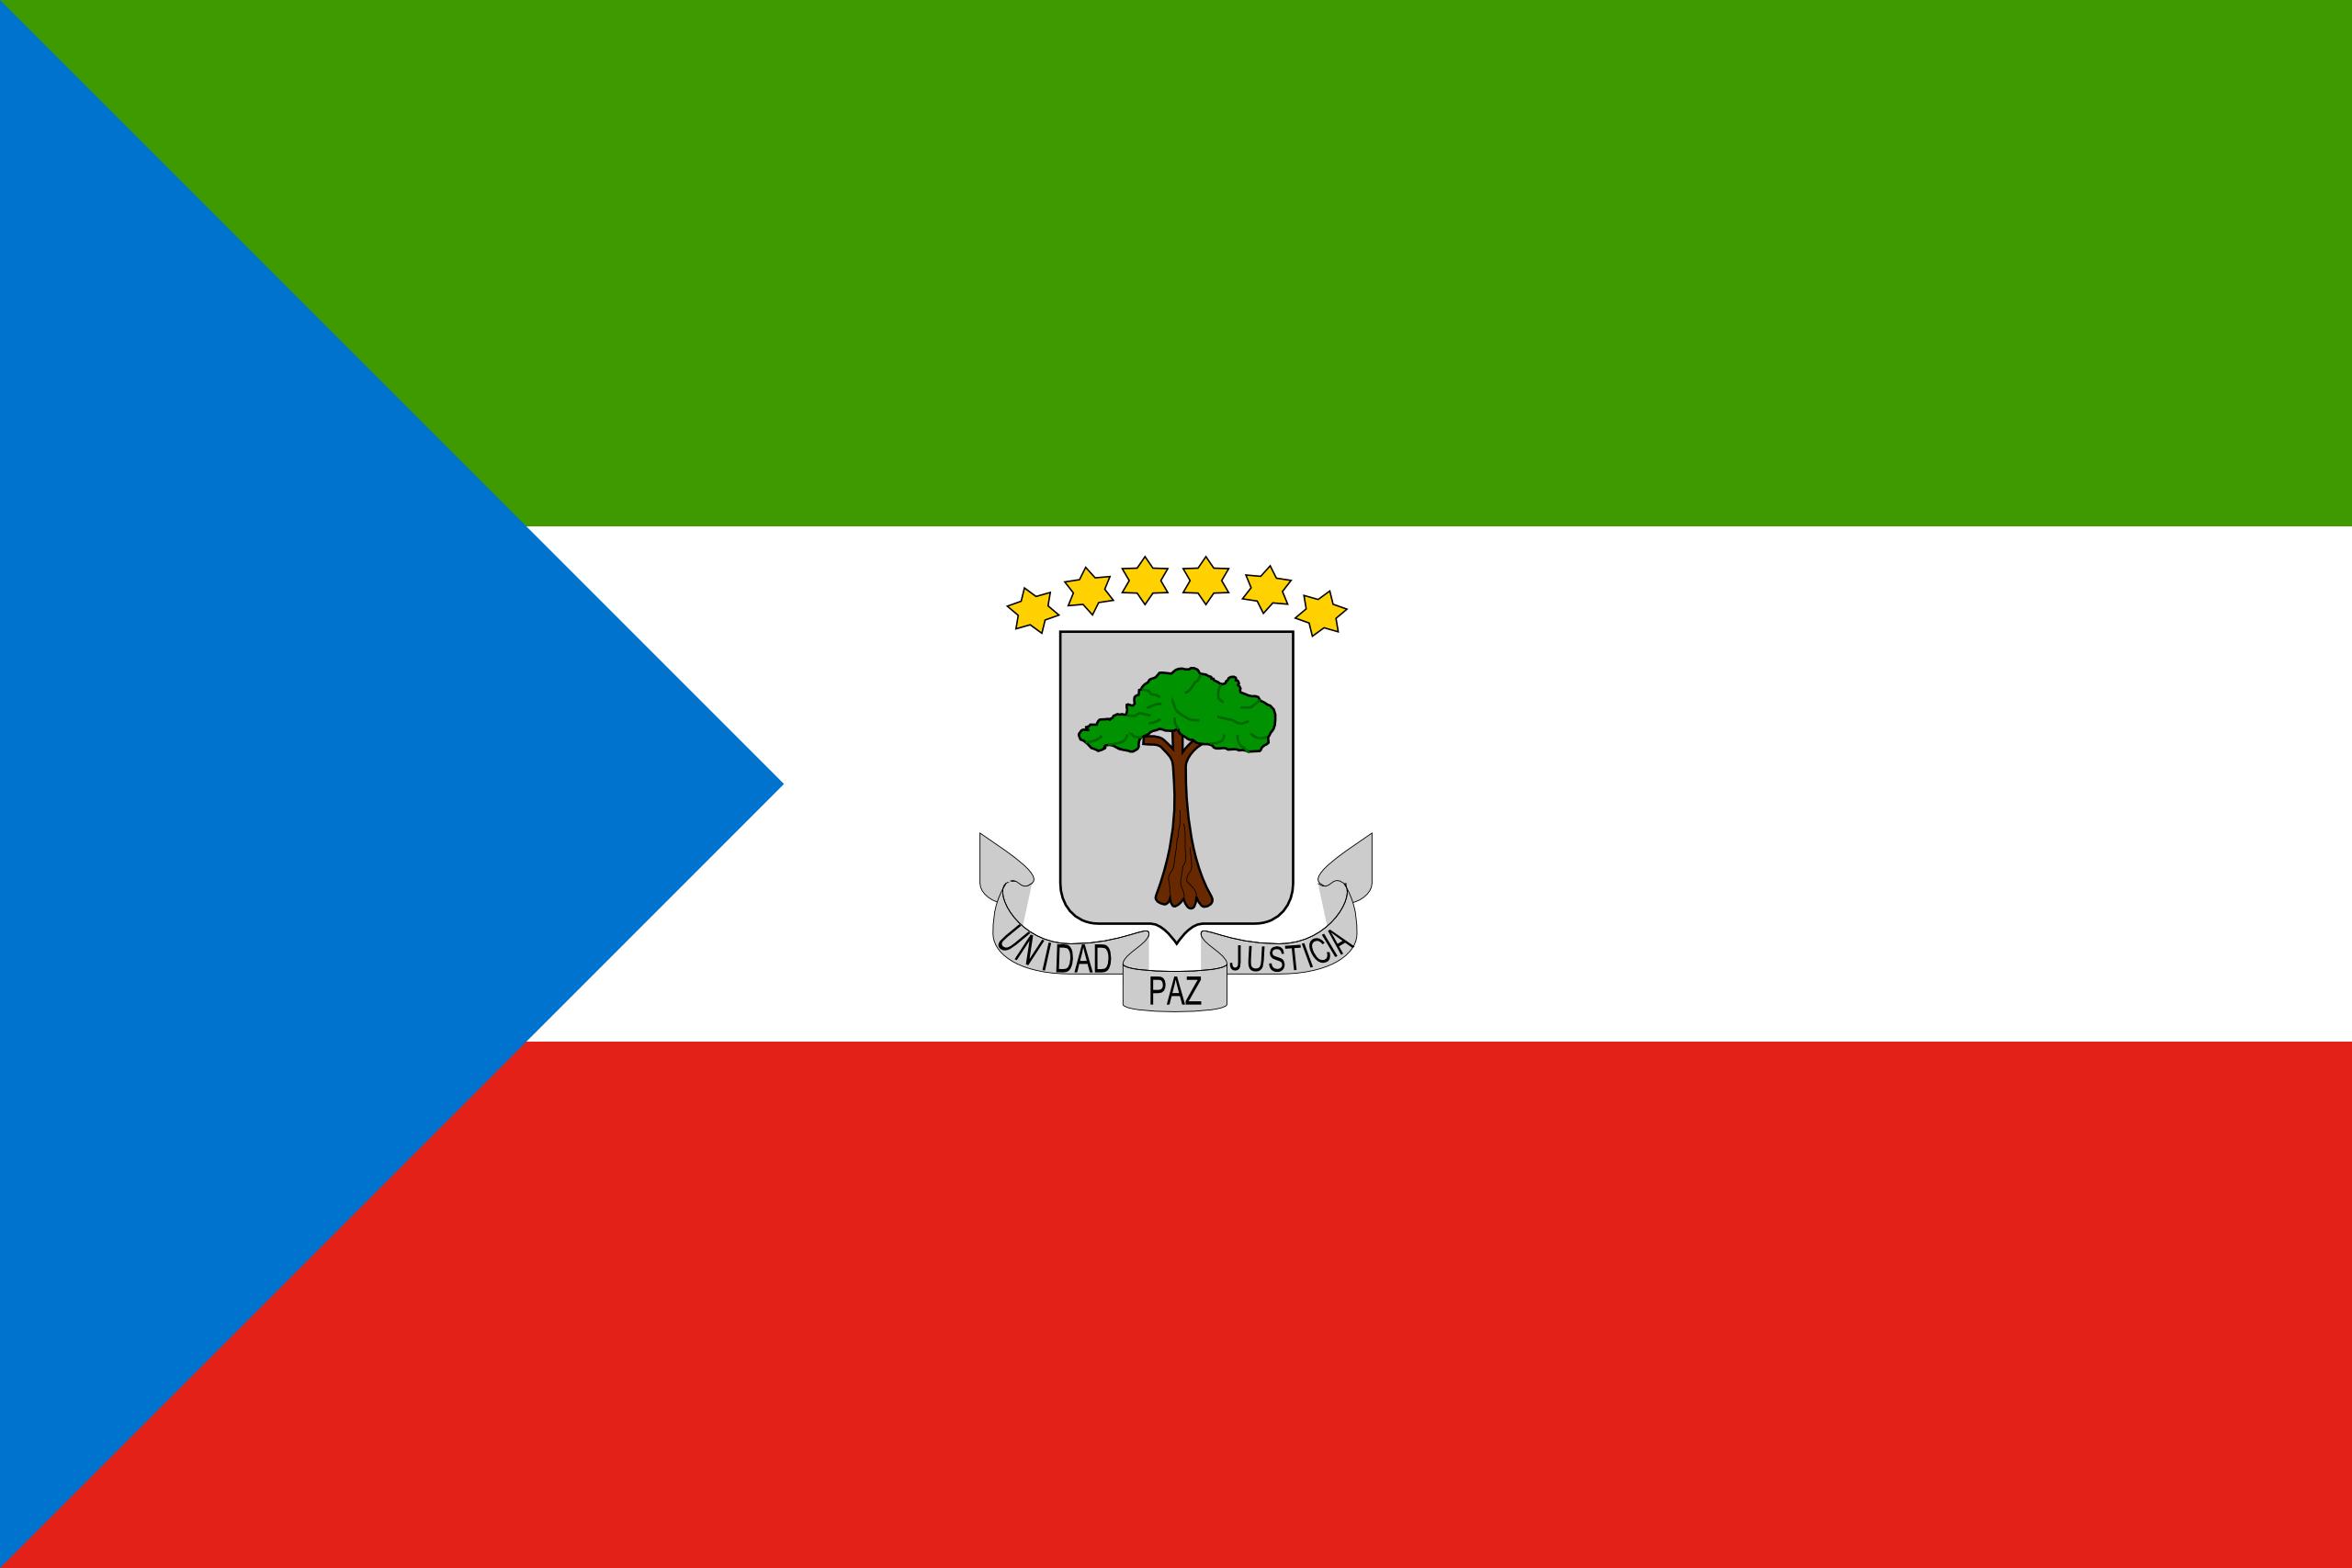 La Guinée équatoriale, pays, emblème, logo, symbole - Fonds d'écran HD - Professor-falken.com